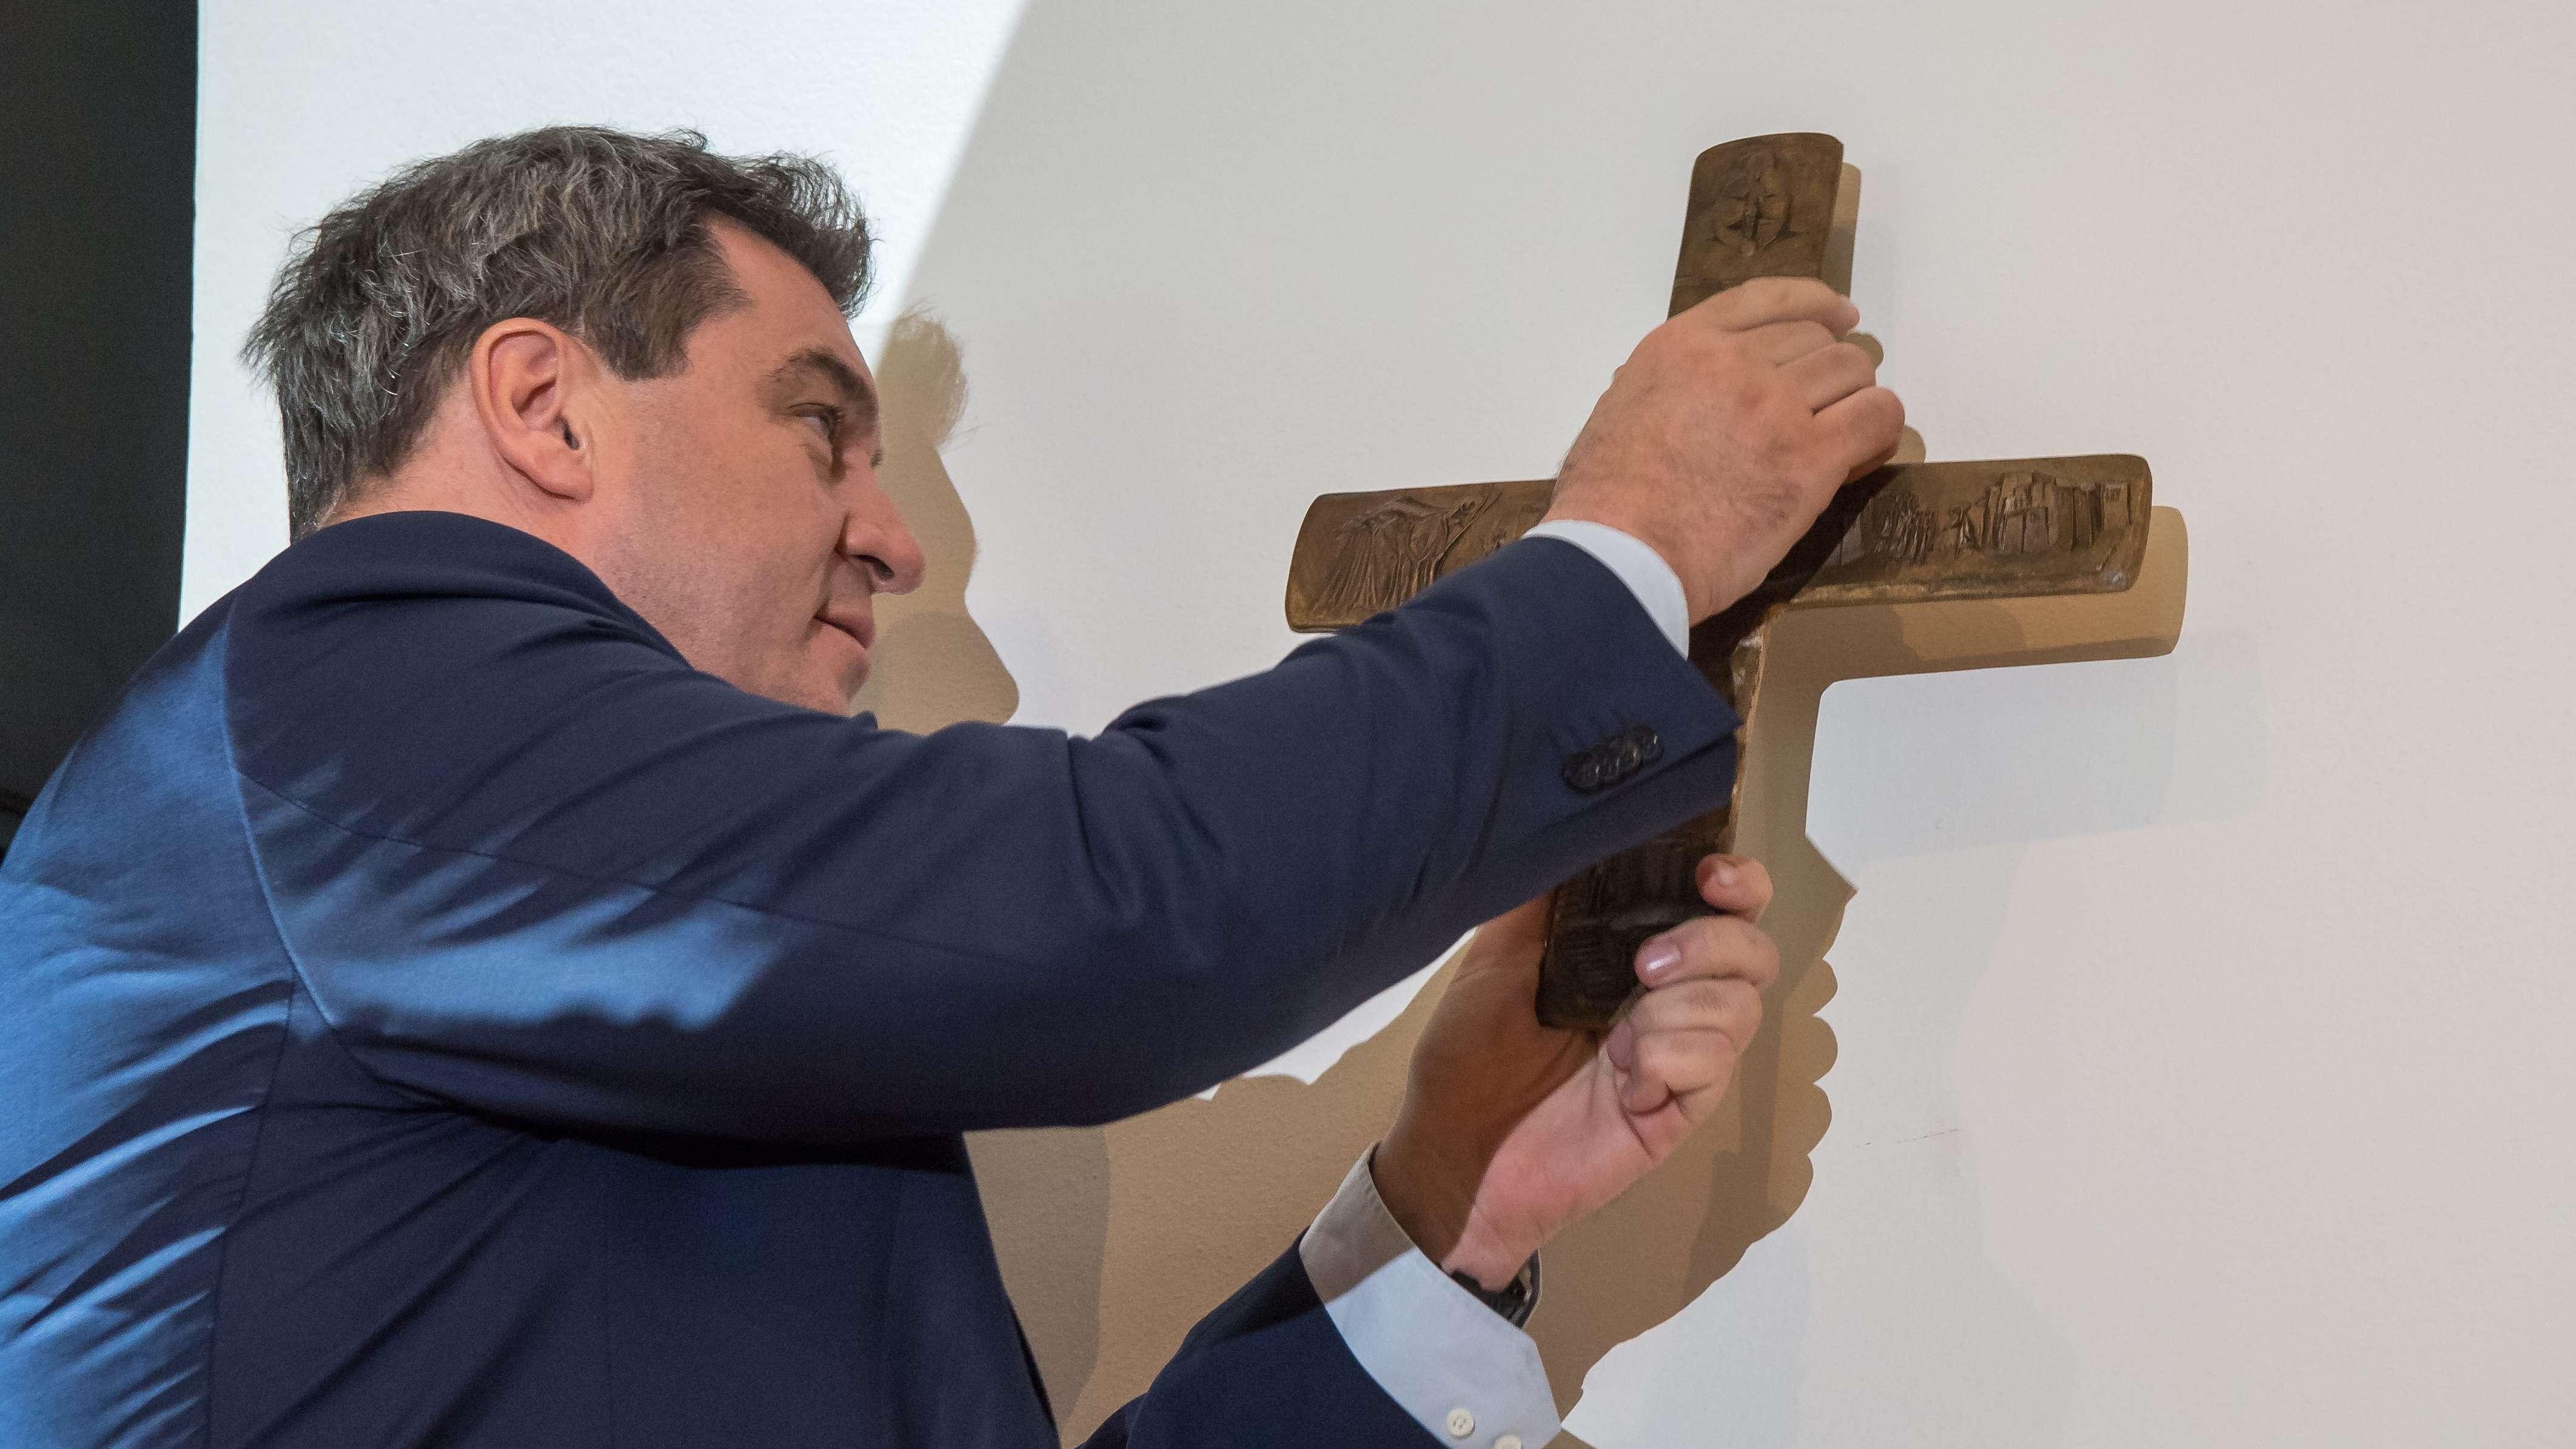 24.04.2018, Bayern, München: Markus Söder, Bayerischer Ministerpräsident (CSU), hängt im Eingangsbereich der bayerischen Staatskanzlei auf.